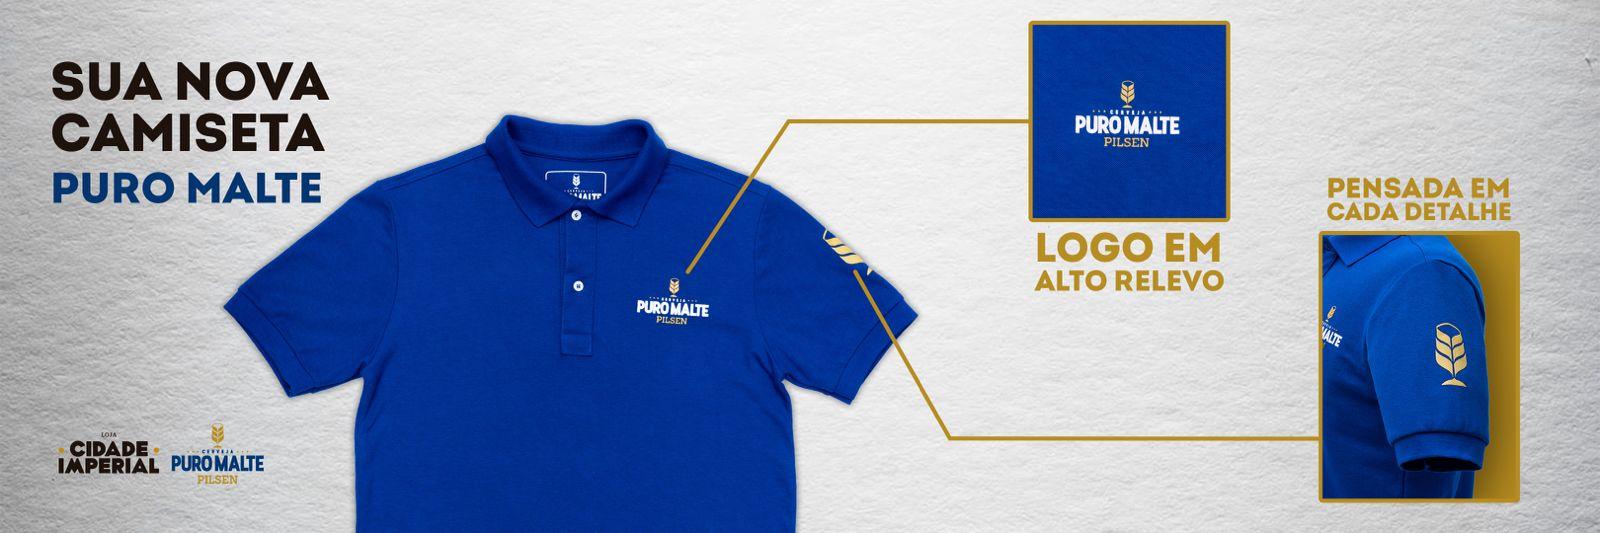 Camiseta Polo Puro Malte em Alto Relevo - Azul